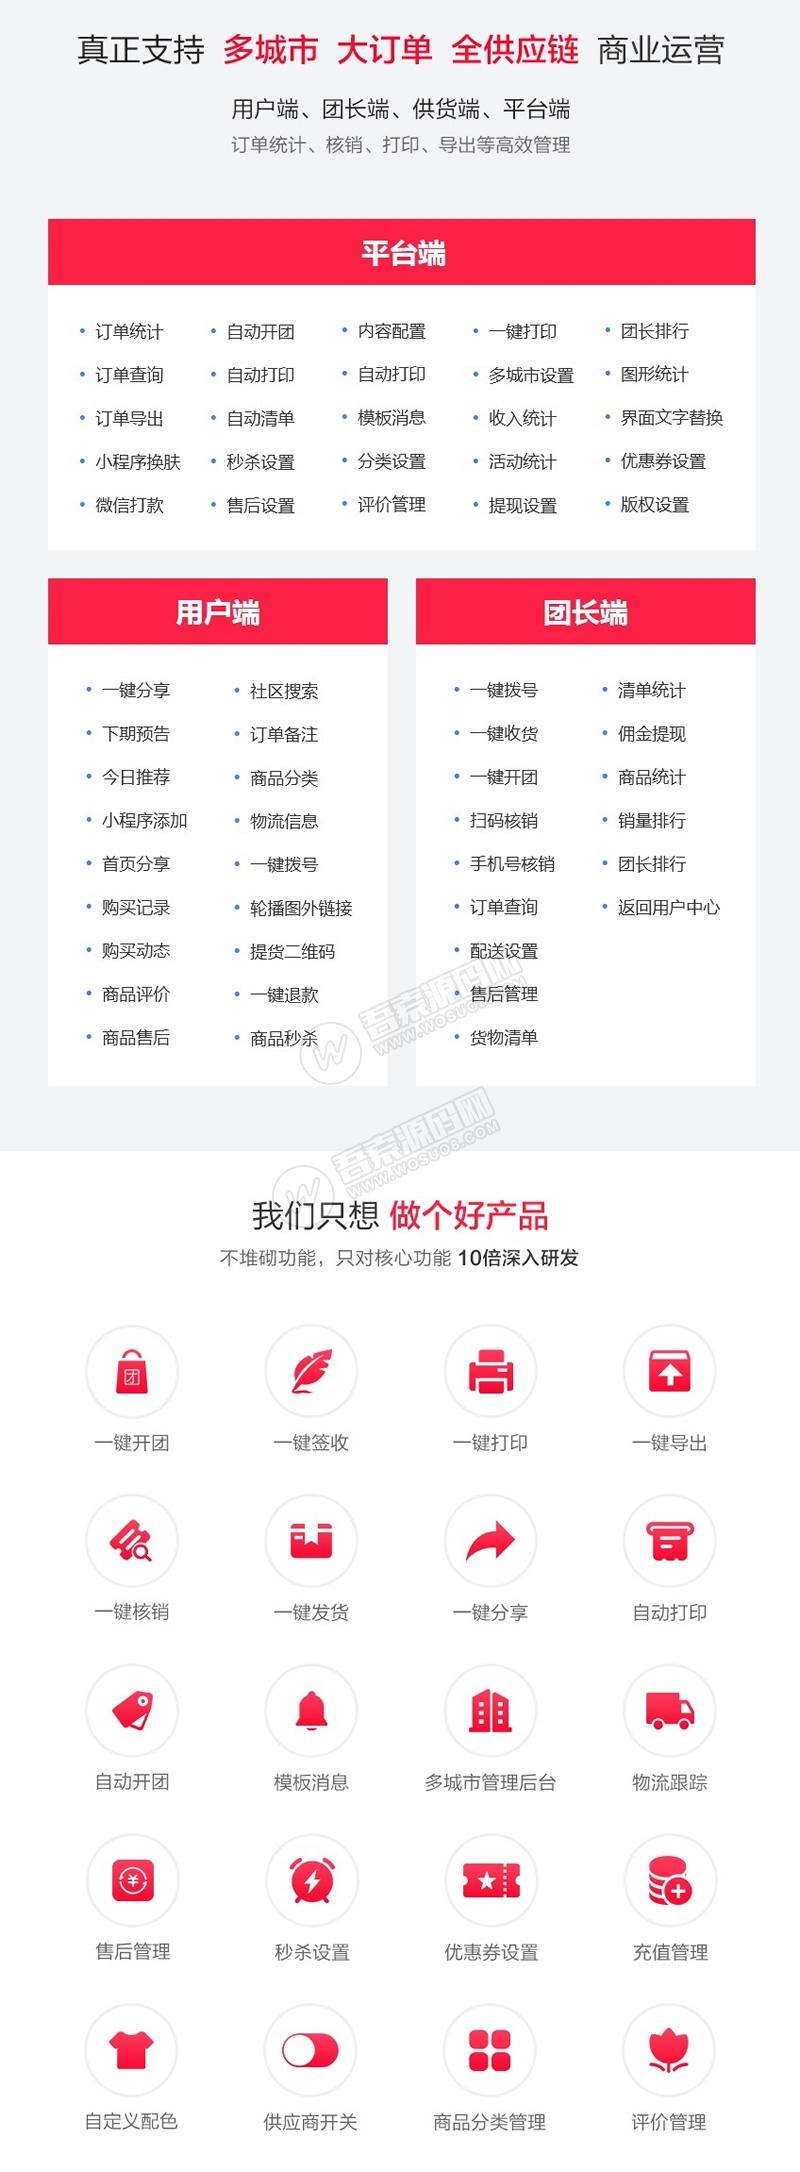 龙兵社区拼团社区团购V8.0.51小程序+前端 优化商品可以通过分类筛选 微擎小程序